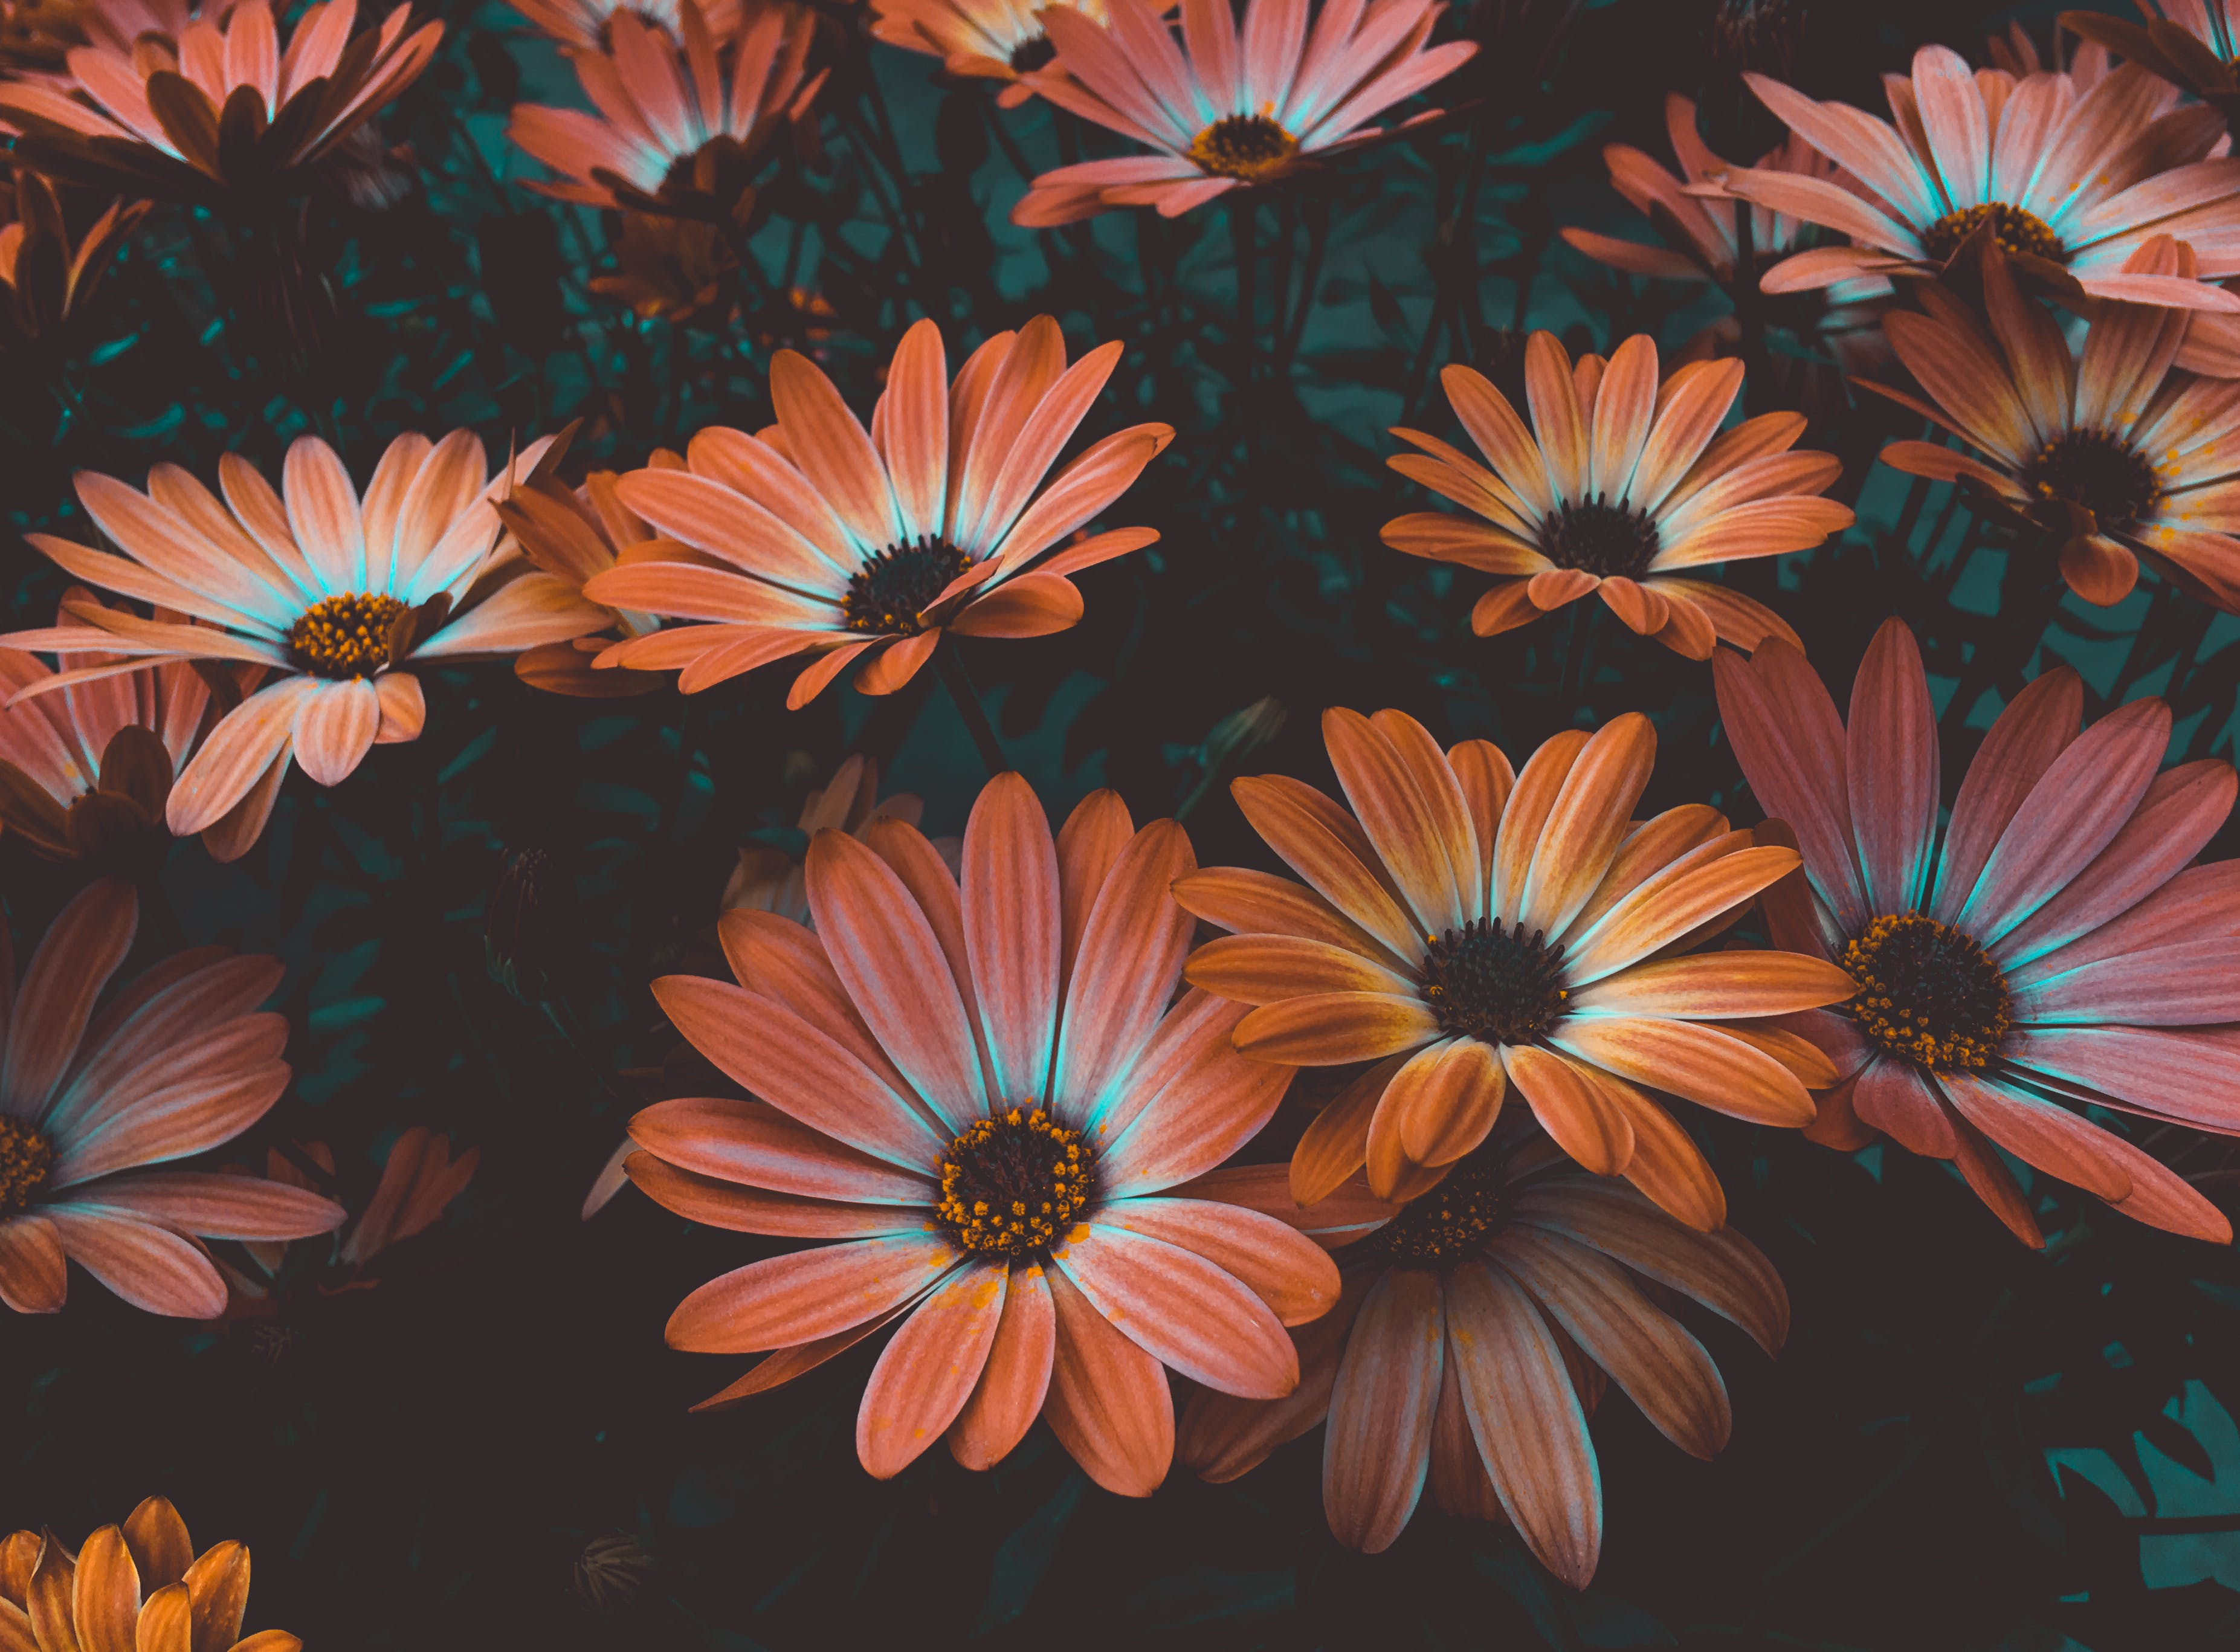 Orange Daisy Flowers in Bloom